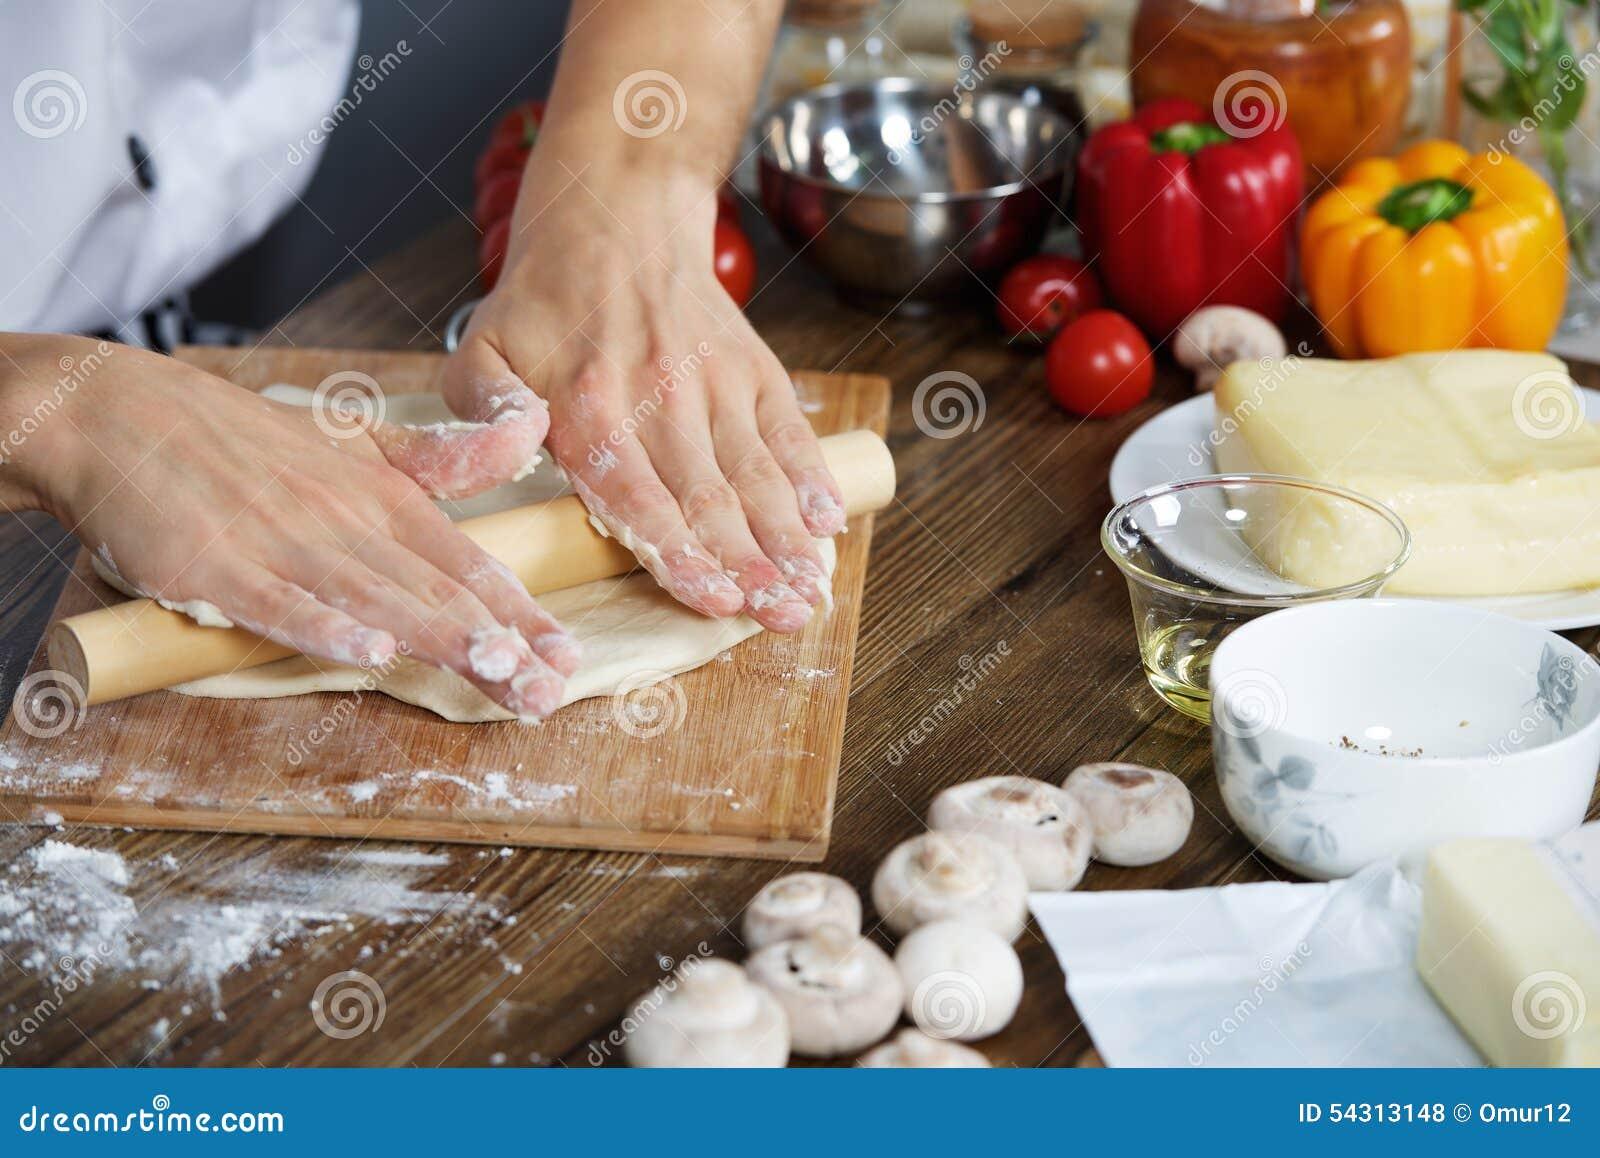 De kok bereidt pizzadeeg voor